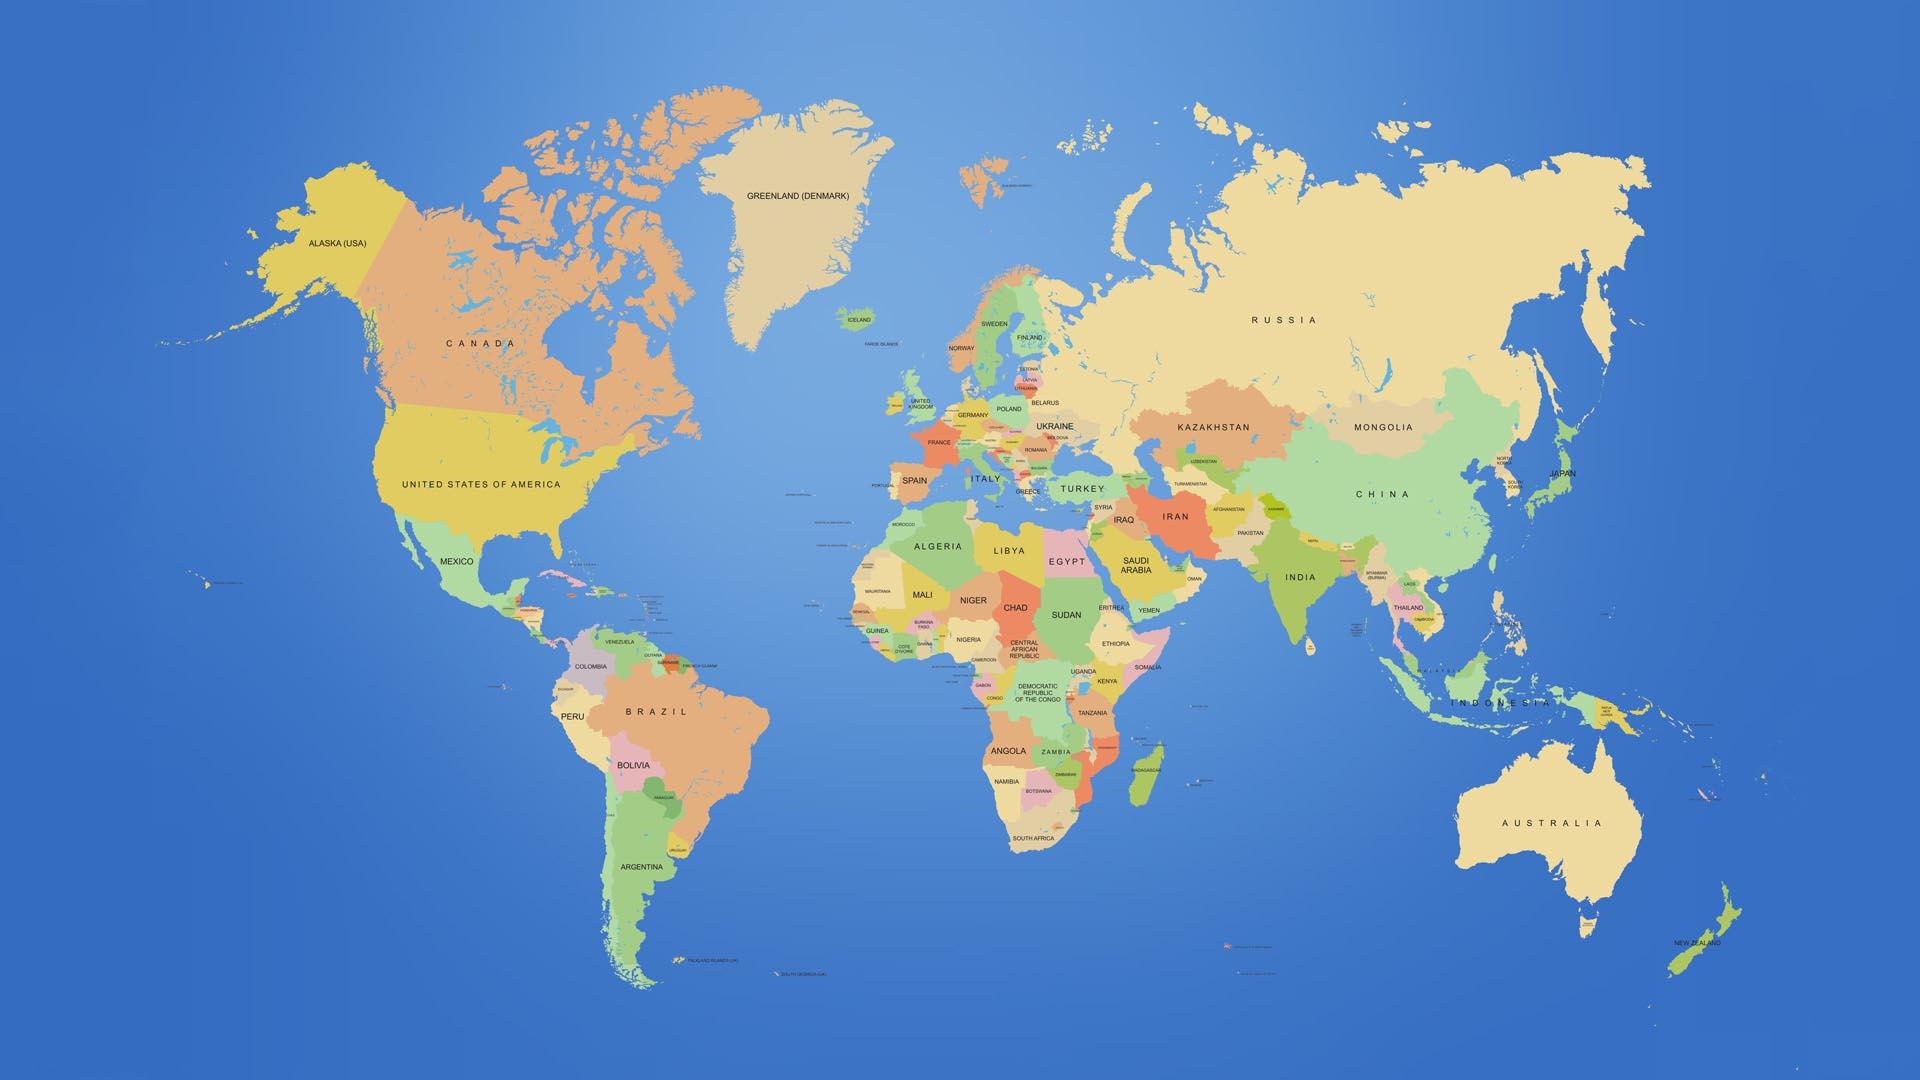 executed world map desktop hd wallpaper 1920x1080